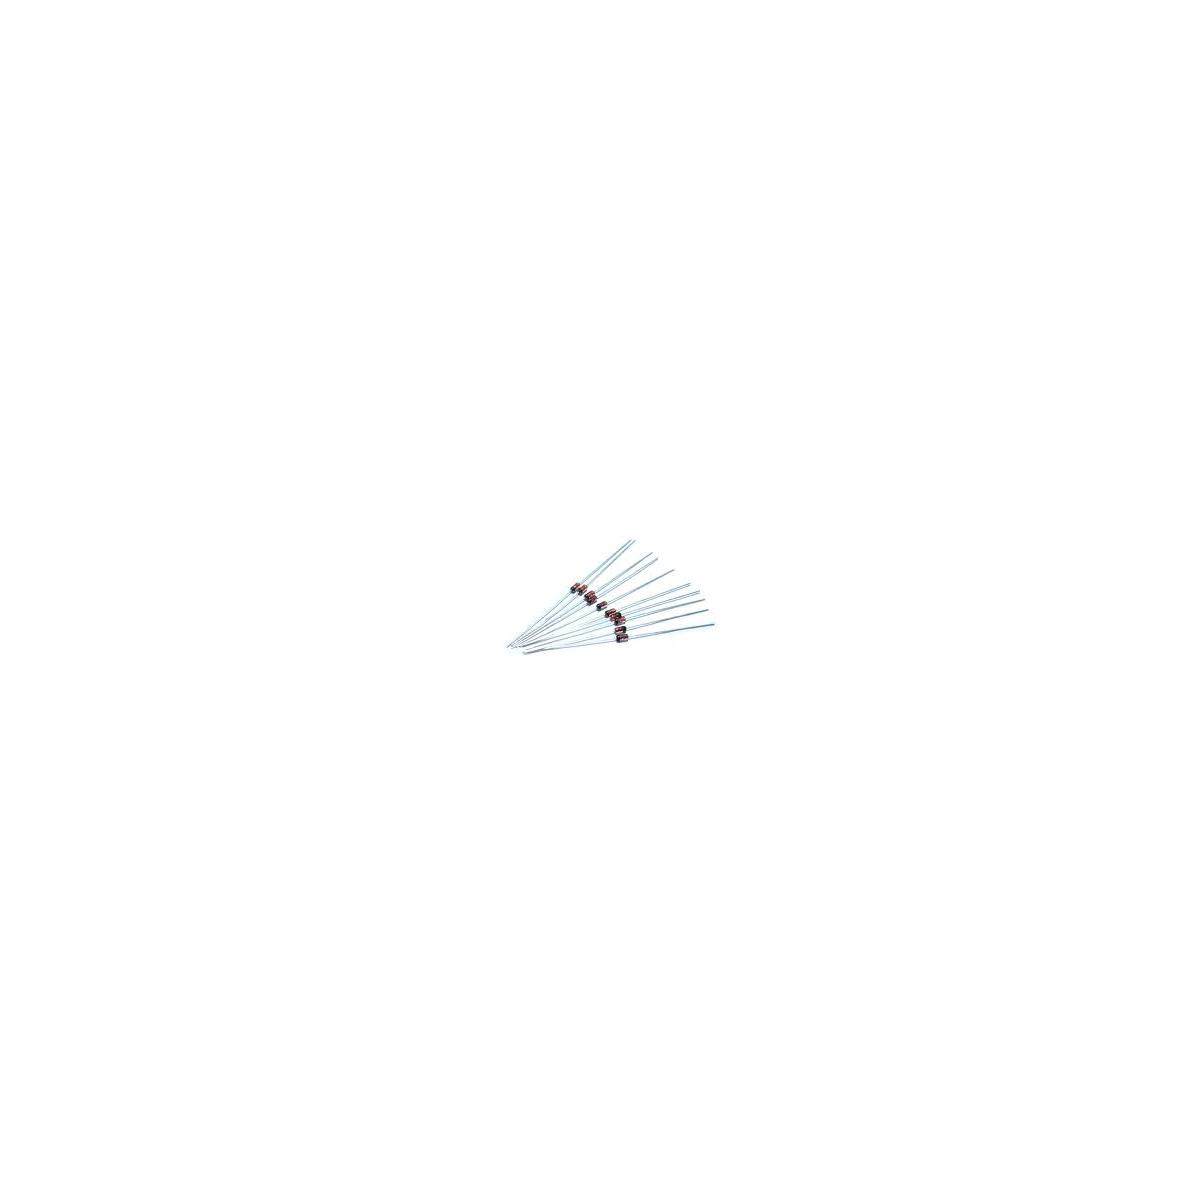 ZENNER 1W (PACOTE COM 10 UNIDADES )-1N 4740 - 10V